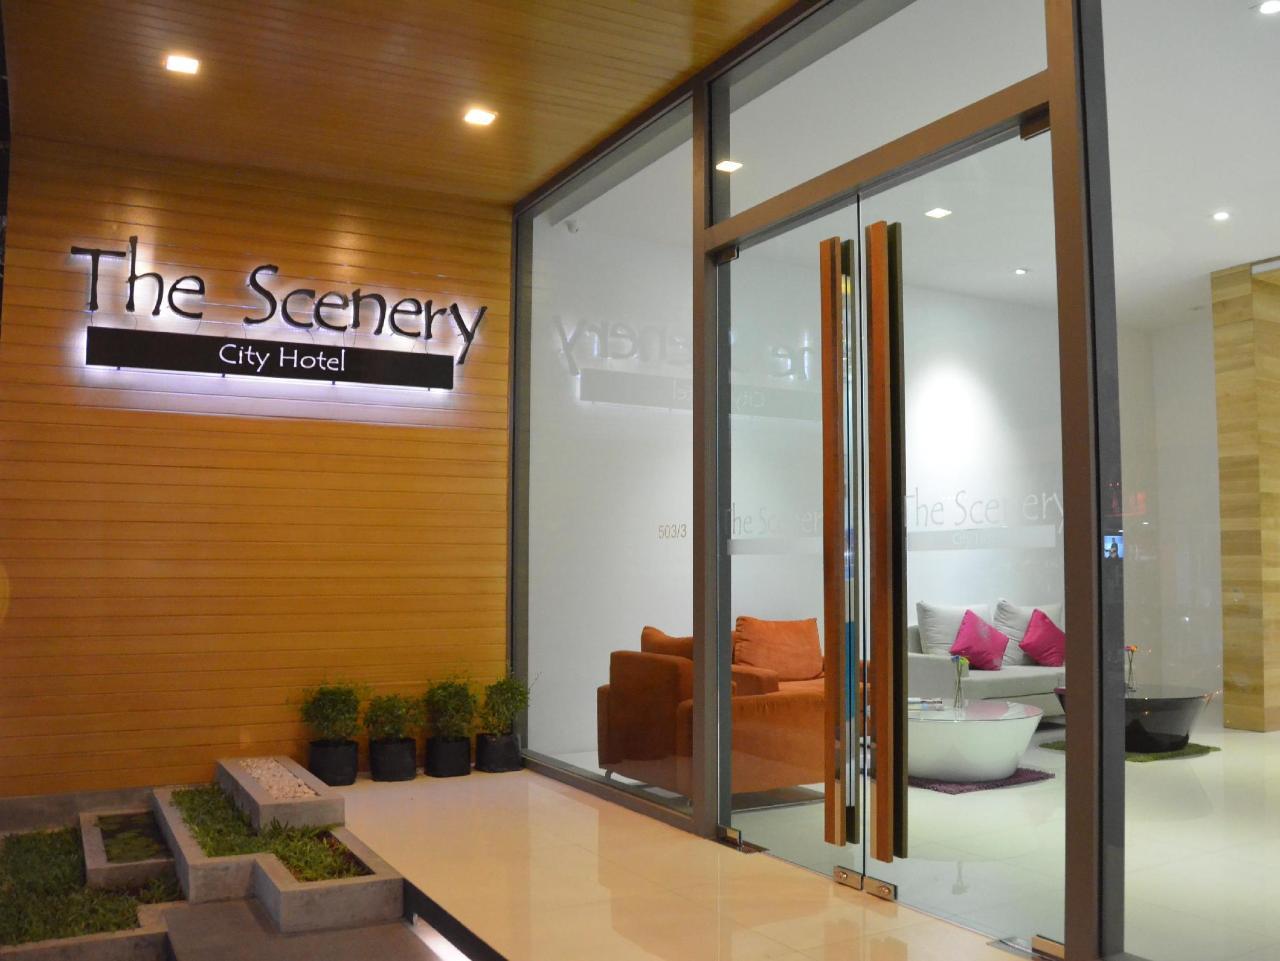 เดอะ ซีนเนอรี่ ซิตี้ โฮเต็ล (The Scenery City Hotel)